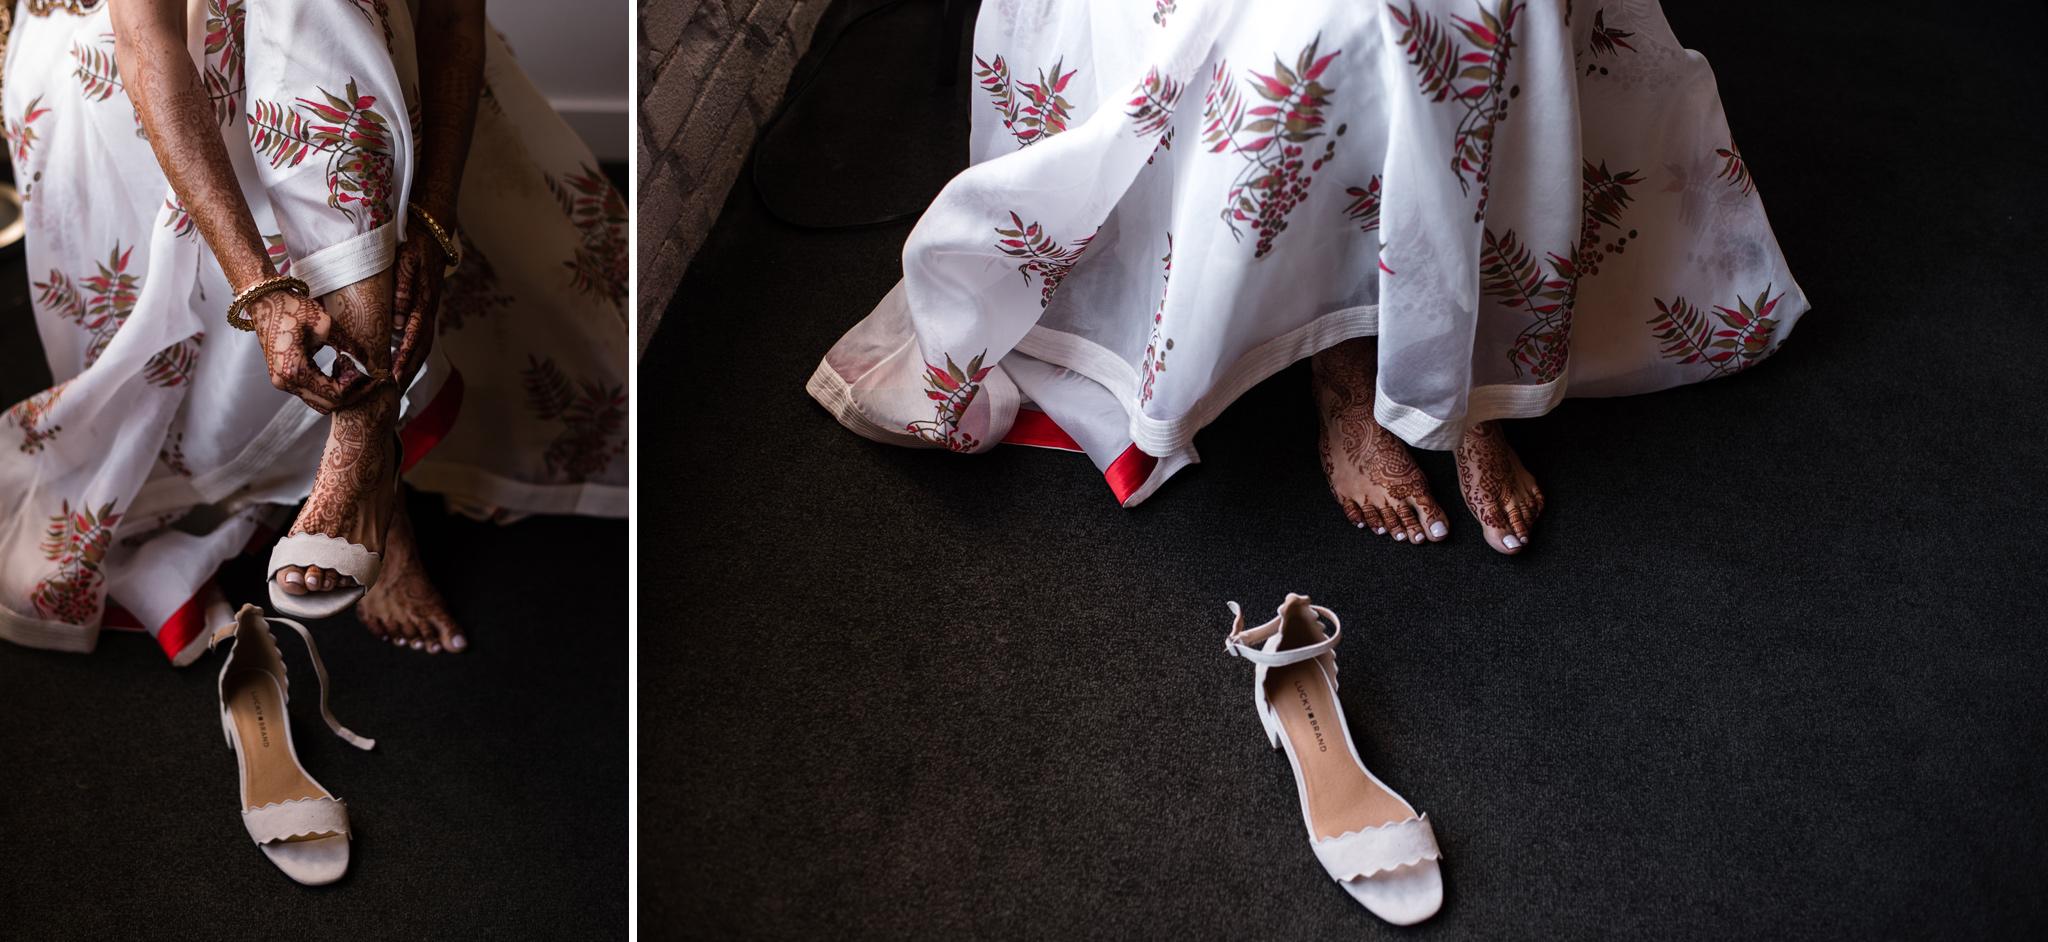 093-bride-getting-ready-hotel-ocho-wedding-photos-toronto.jpg